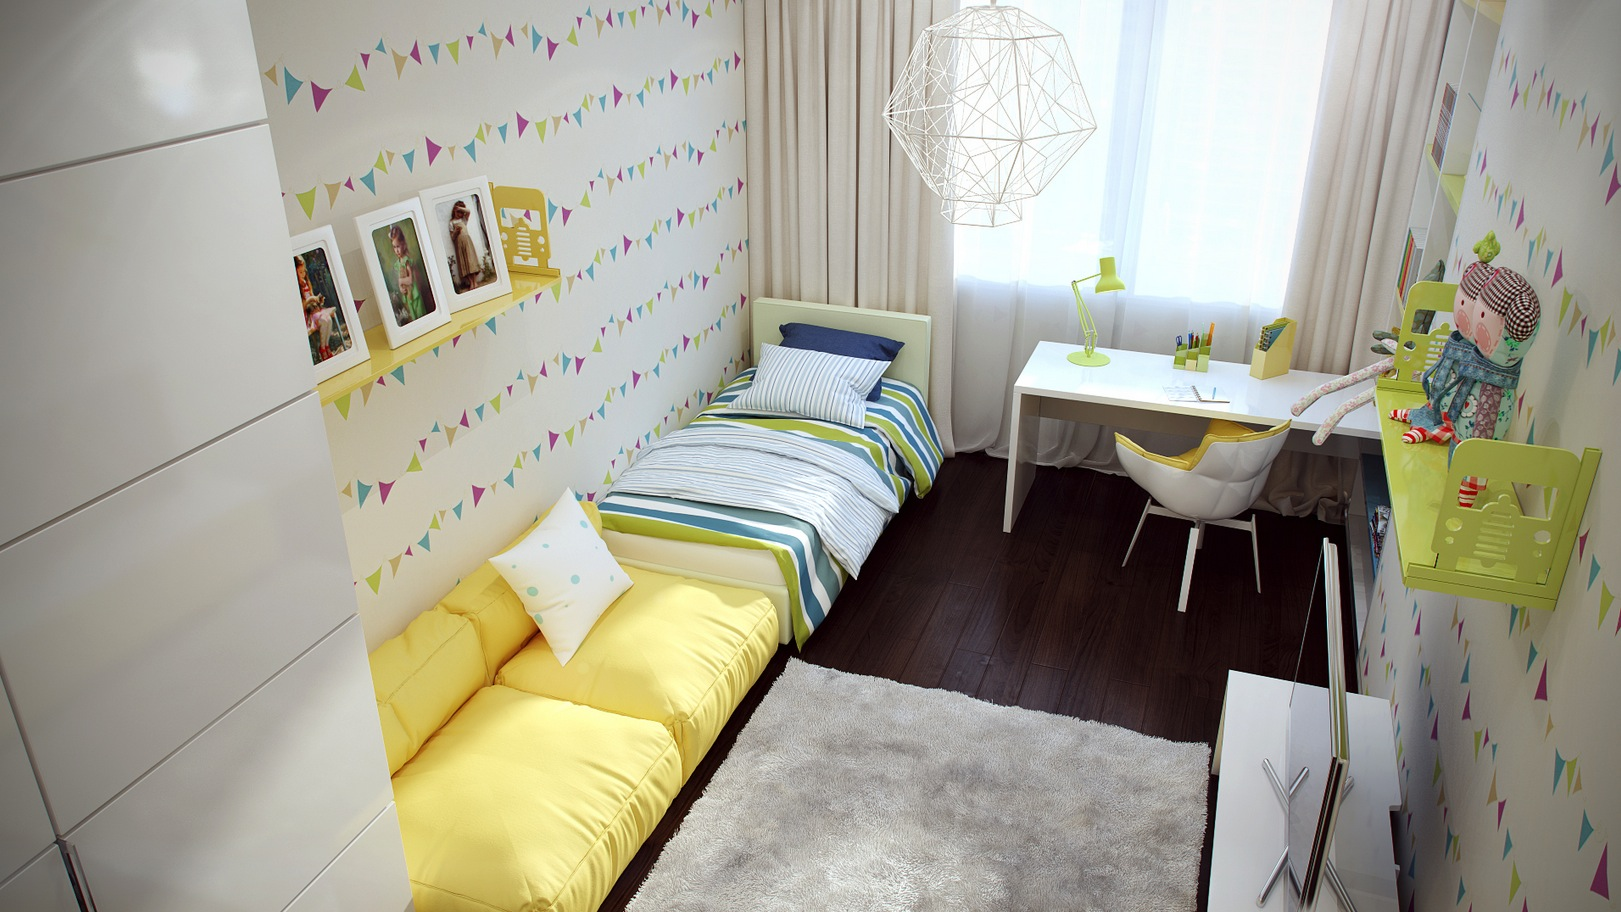 اجمل الوان تناسب غرف نوم الاطفال , الافكار المناسبه لاختيار لون